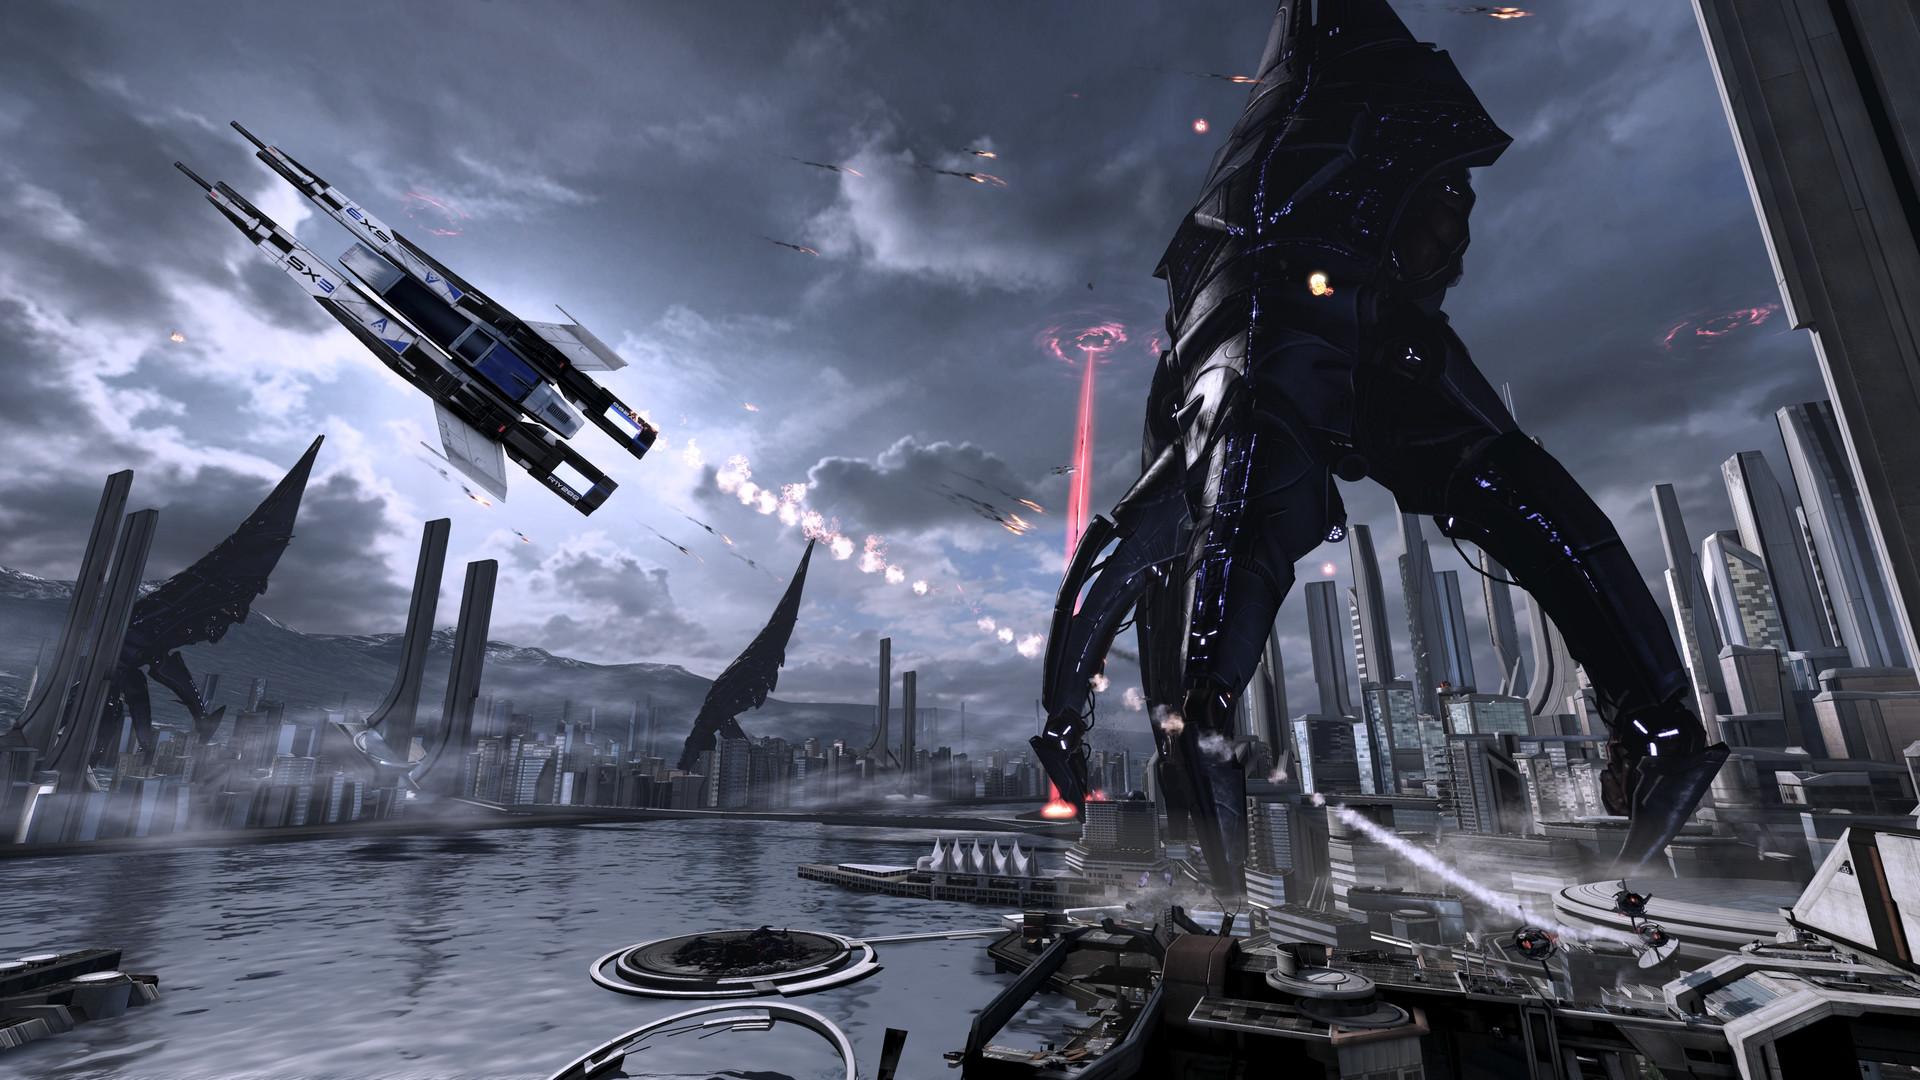 Mass Effect Reaper Wallpaper Wallpapertag